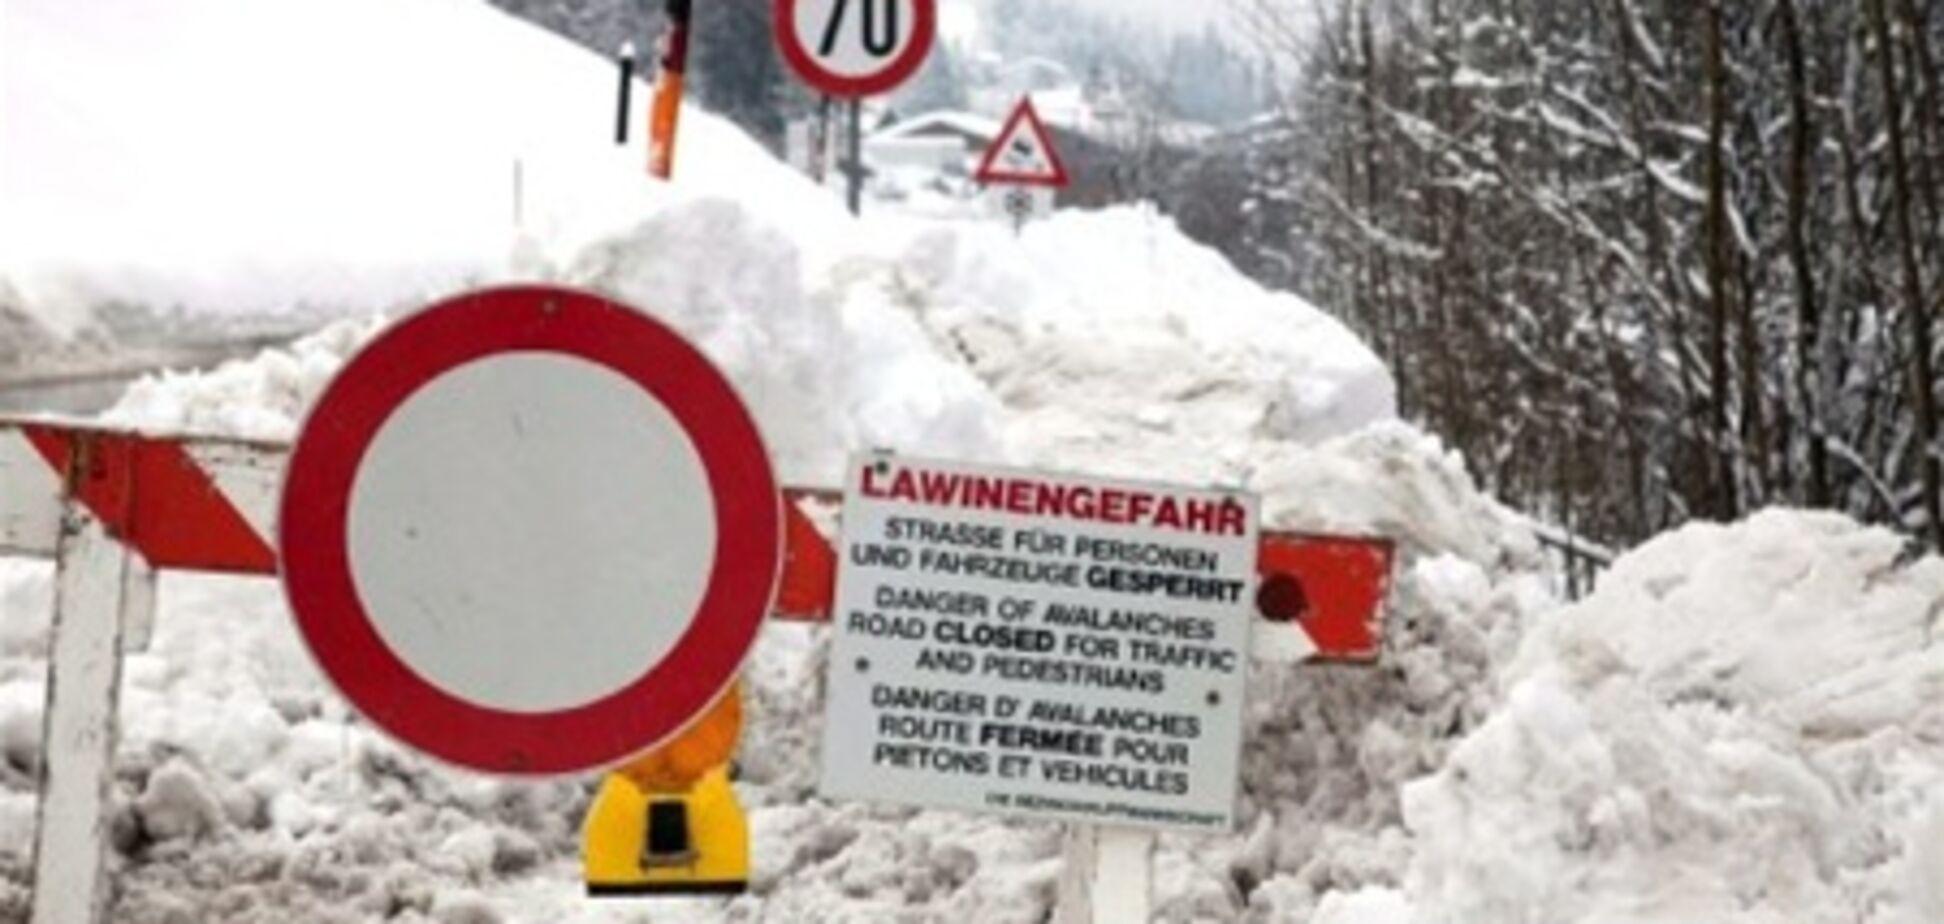 Сніговий хаос в Австрії: туристичні курорти відрізані від світу